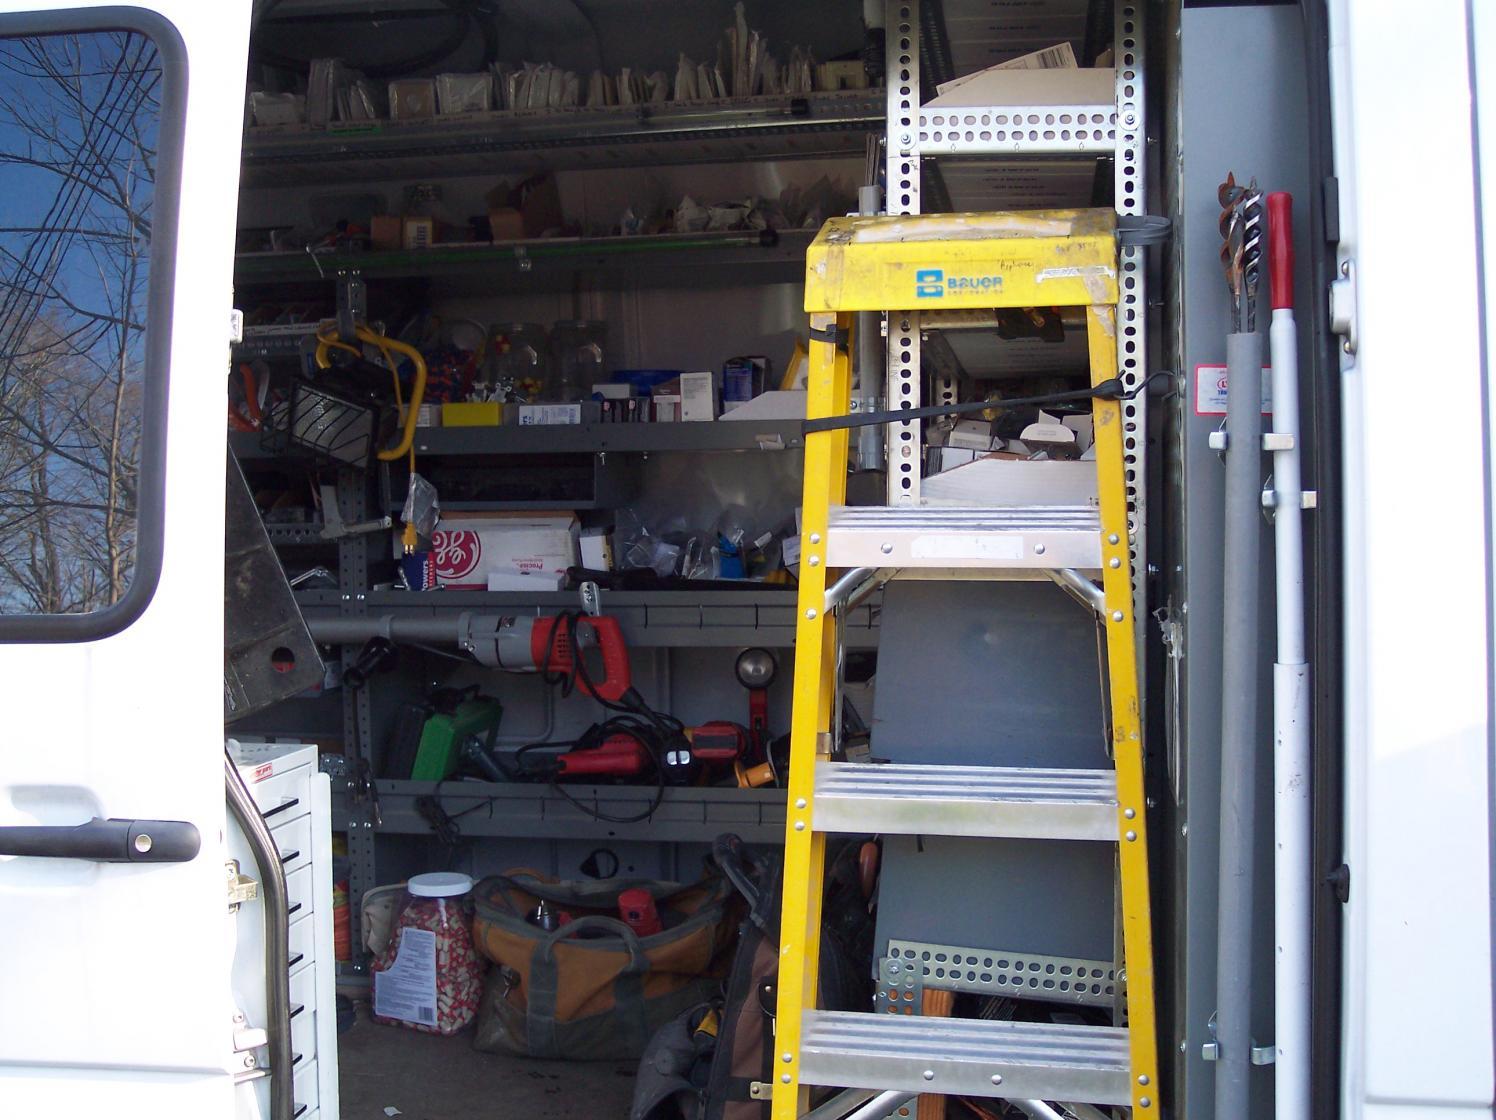 Post your work truck/van thread-truck-pictures-nov08-005.jpg